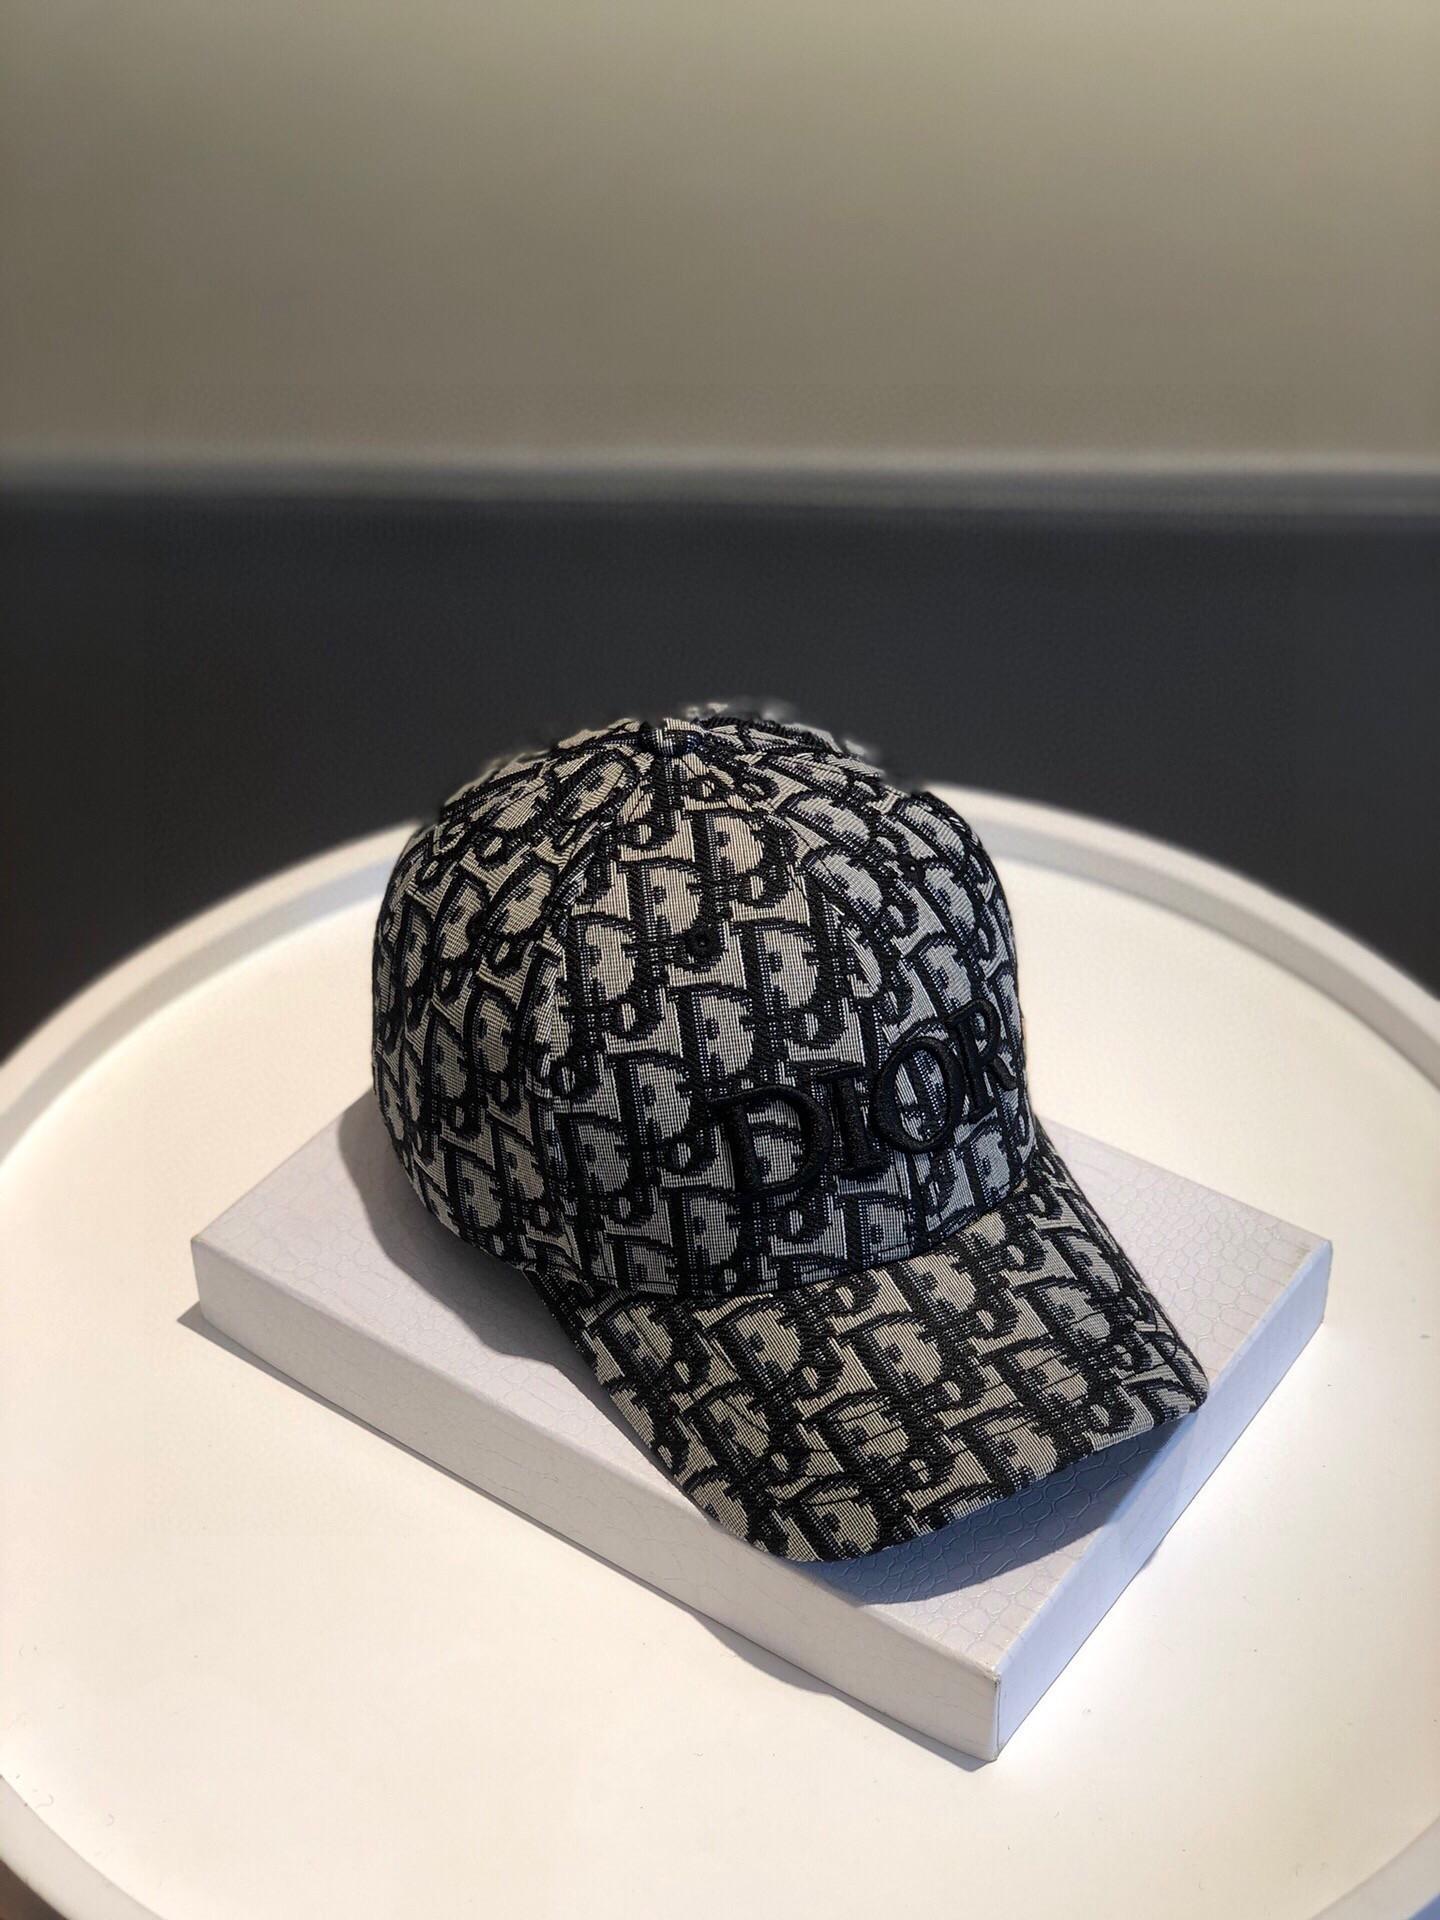 特批Dior迪奥棒球帽美美哒简约大气